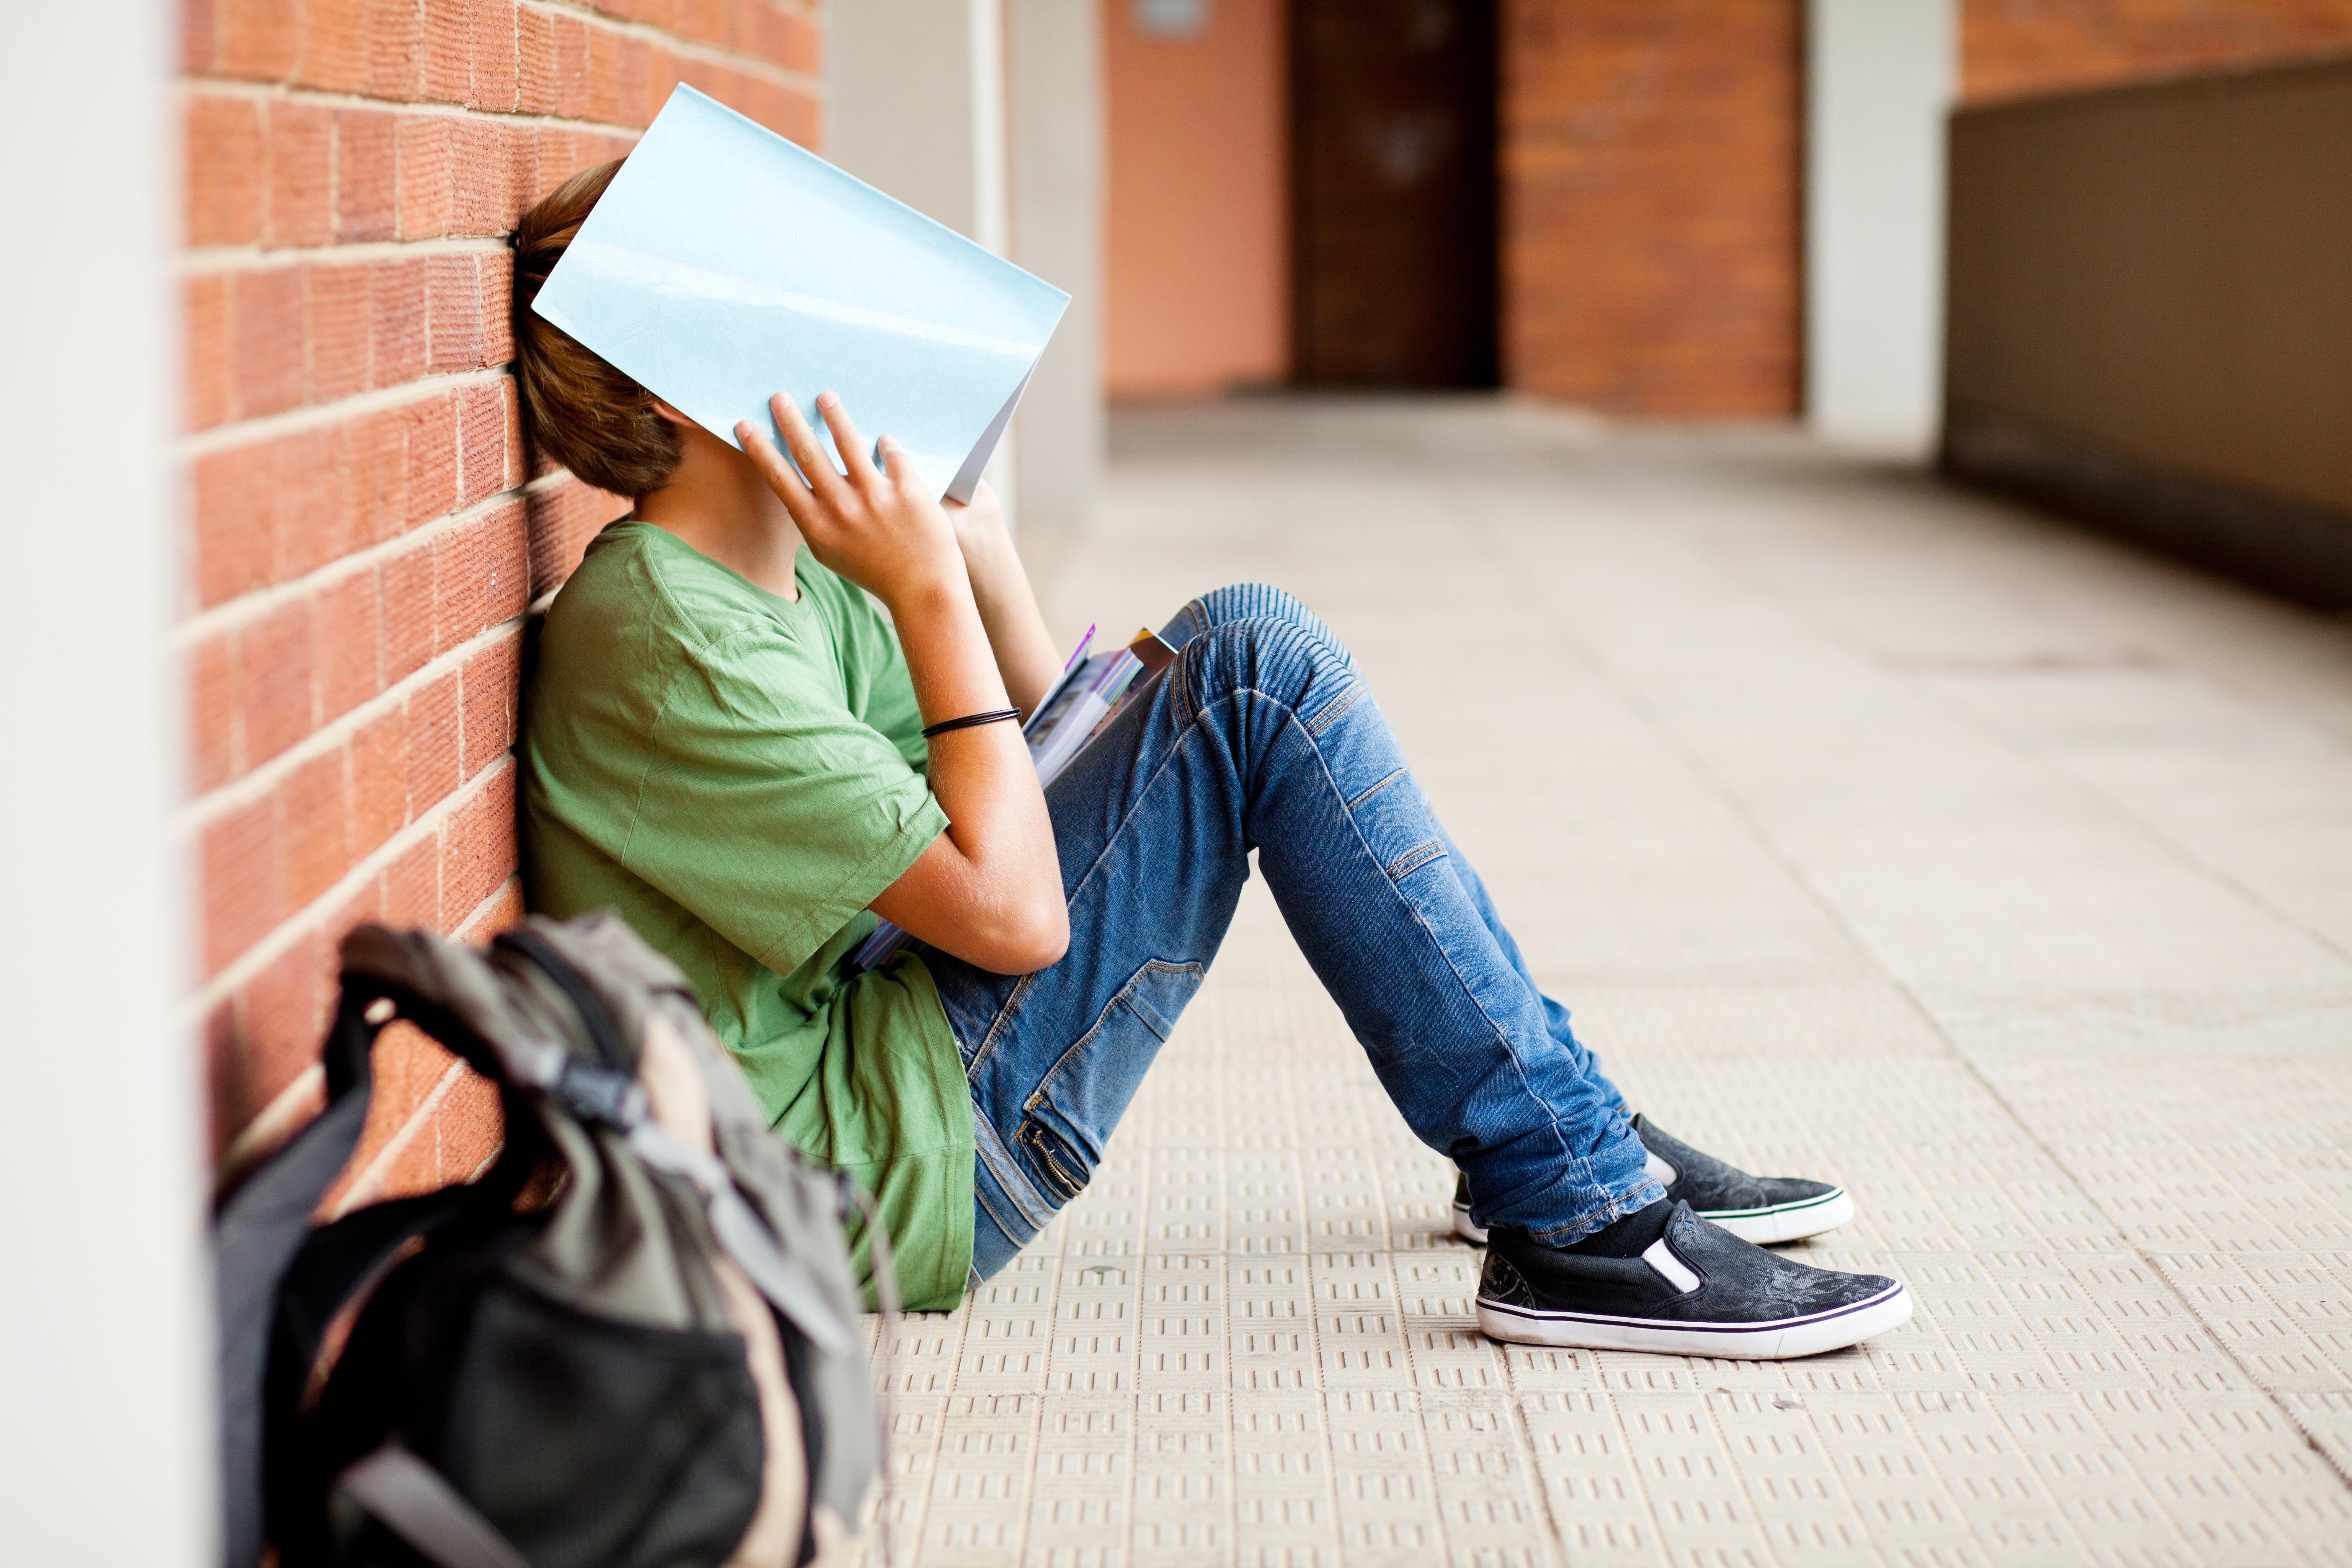 Sommarlovet är slut och nu är det dags att återvända till skolan igen. Här är sömnforskarens tips för att göra skolstarten så smidig som möjligt.